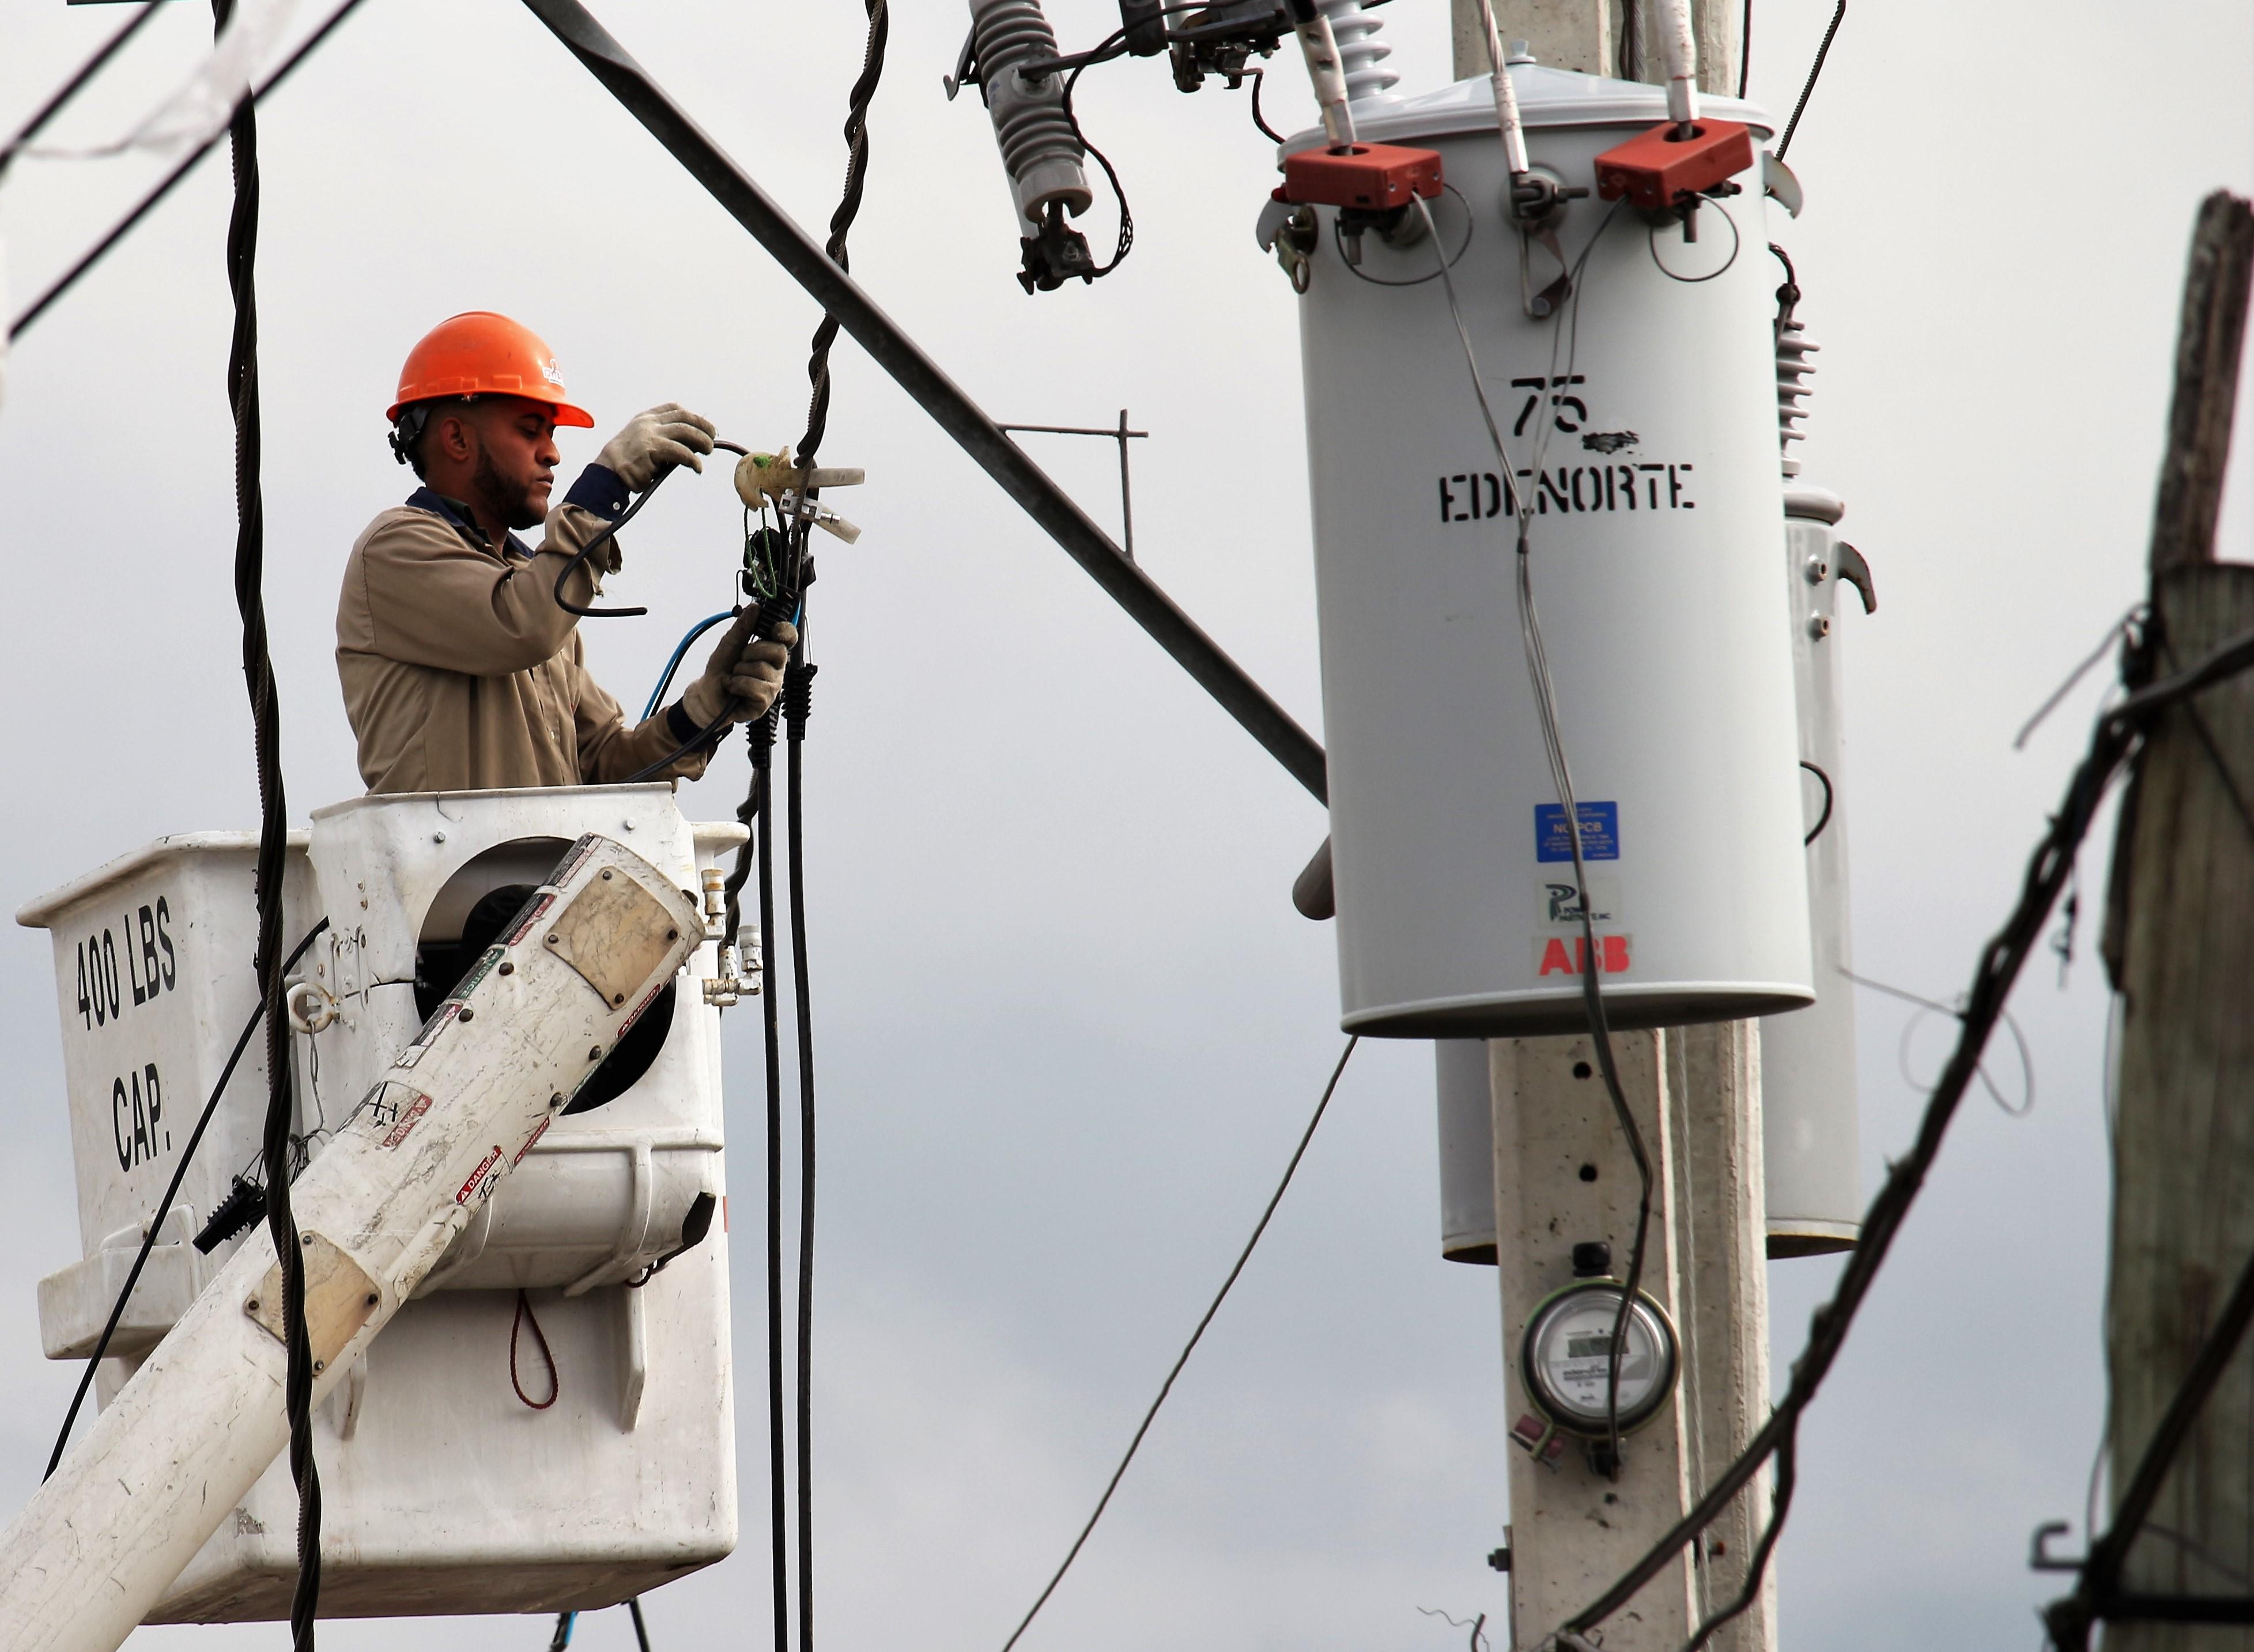 EDENORTE comunica mantenimiento en circuito de Cotuí